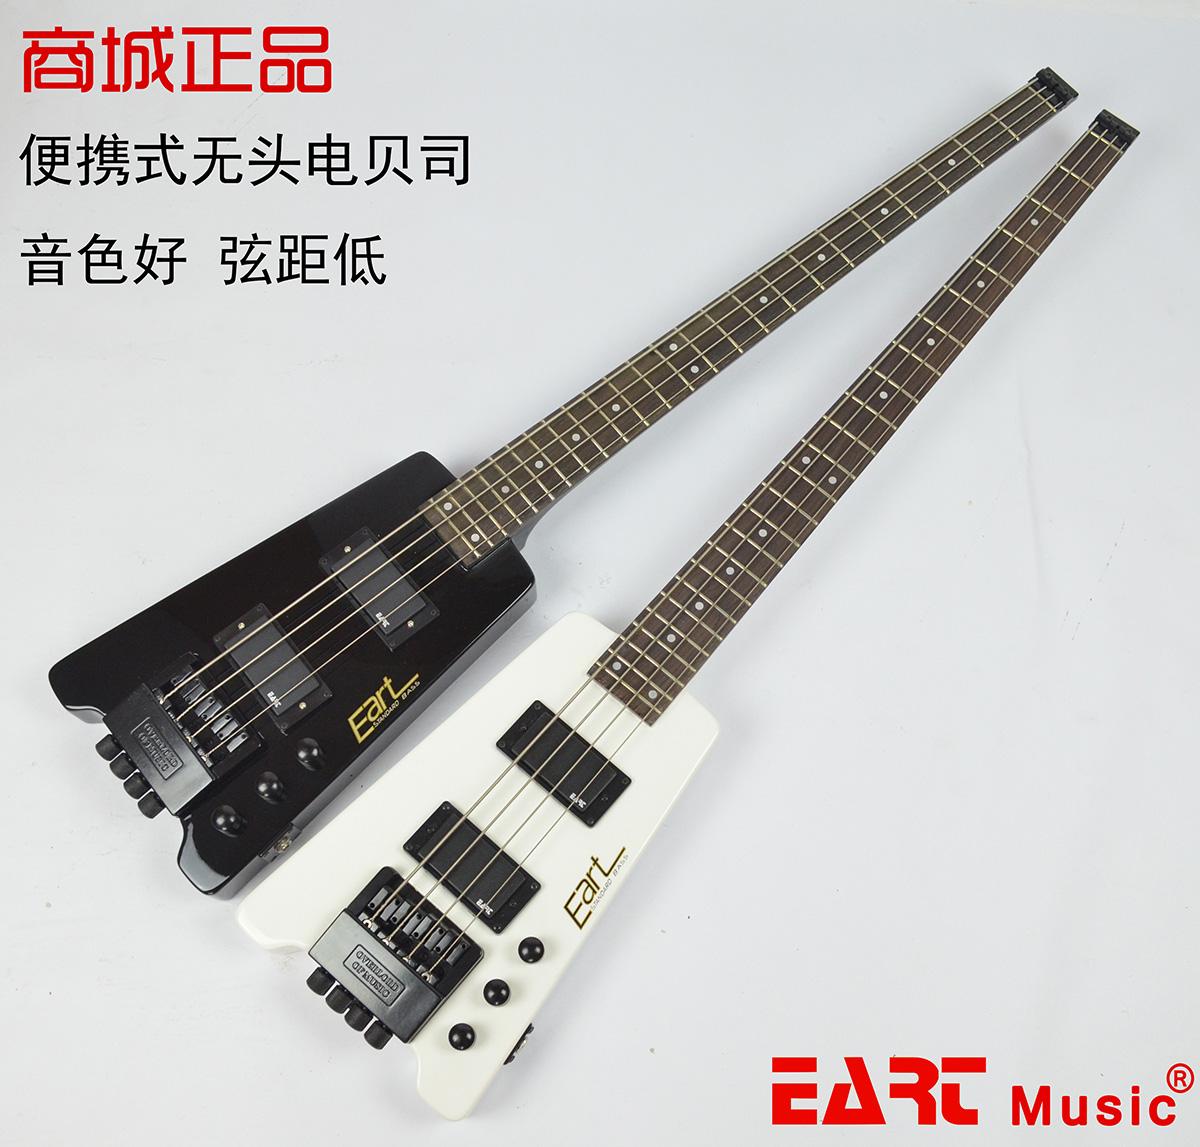 Astra EART оригинал без Головной электрический бас без Базовая электрическая гитара